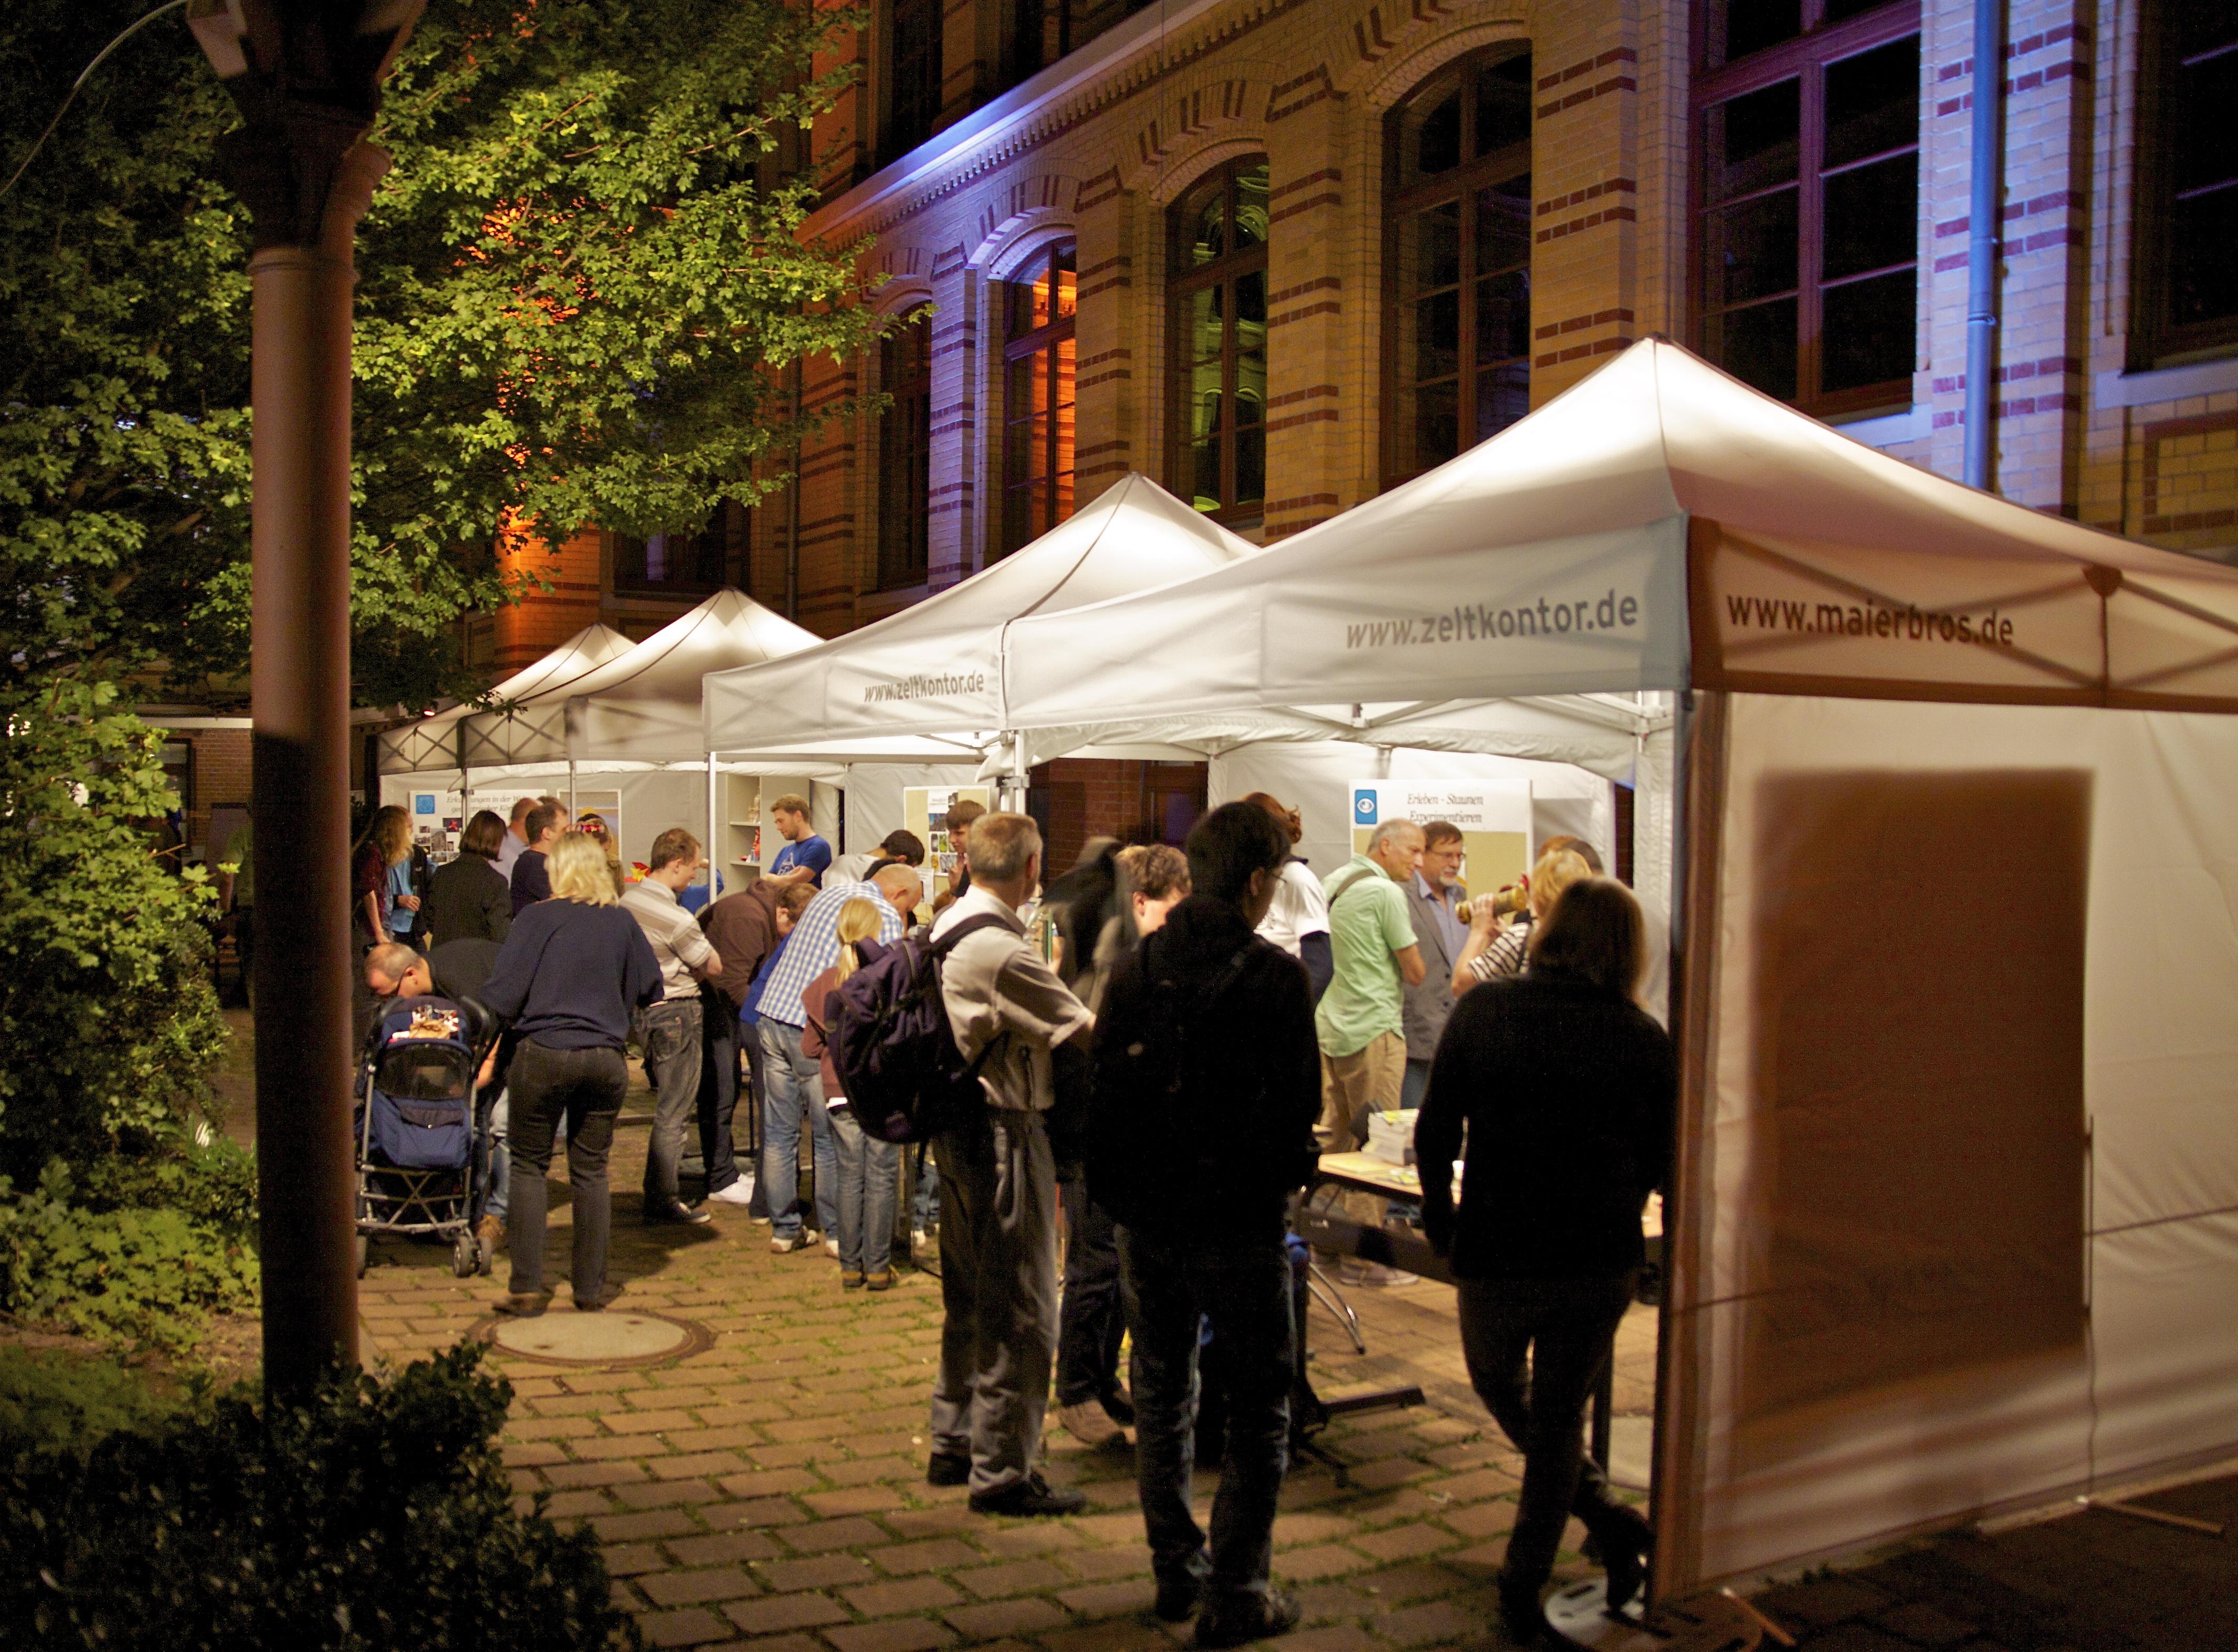 Zelte & Licht Lange Nacht der Wissenschaften 2014 Leipzig, Max-Planck-Institut für Mathematik in den Naturwissenschaften